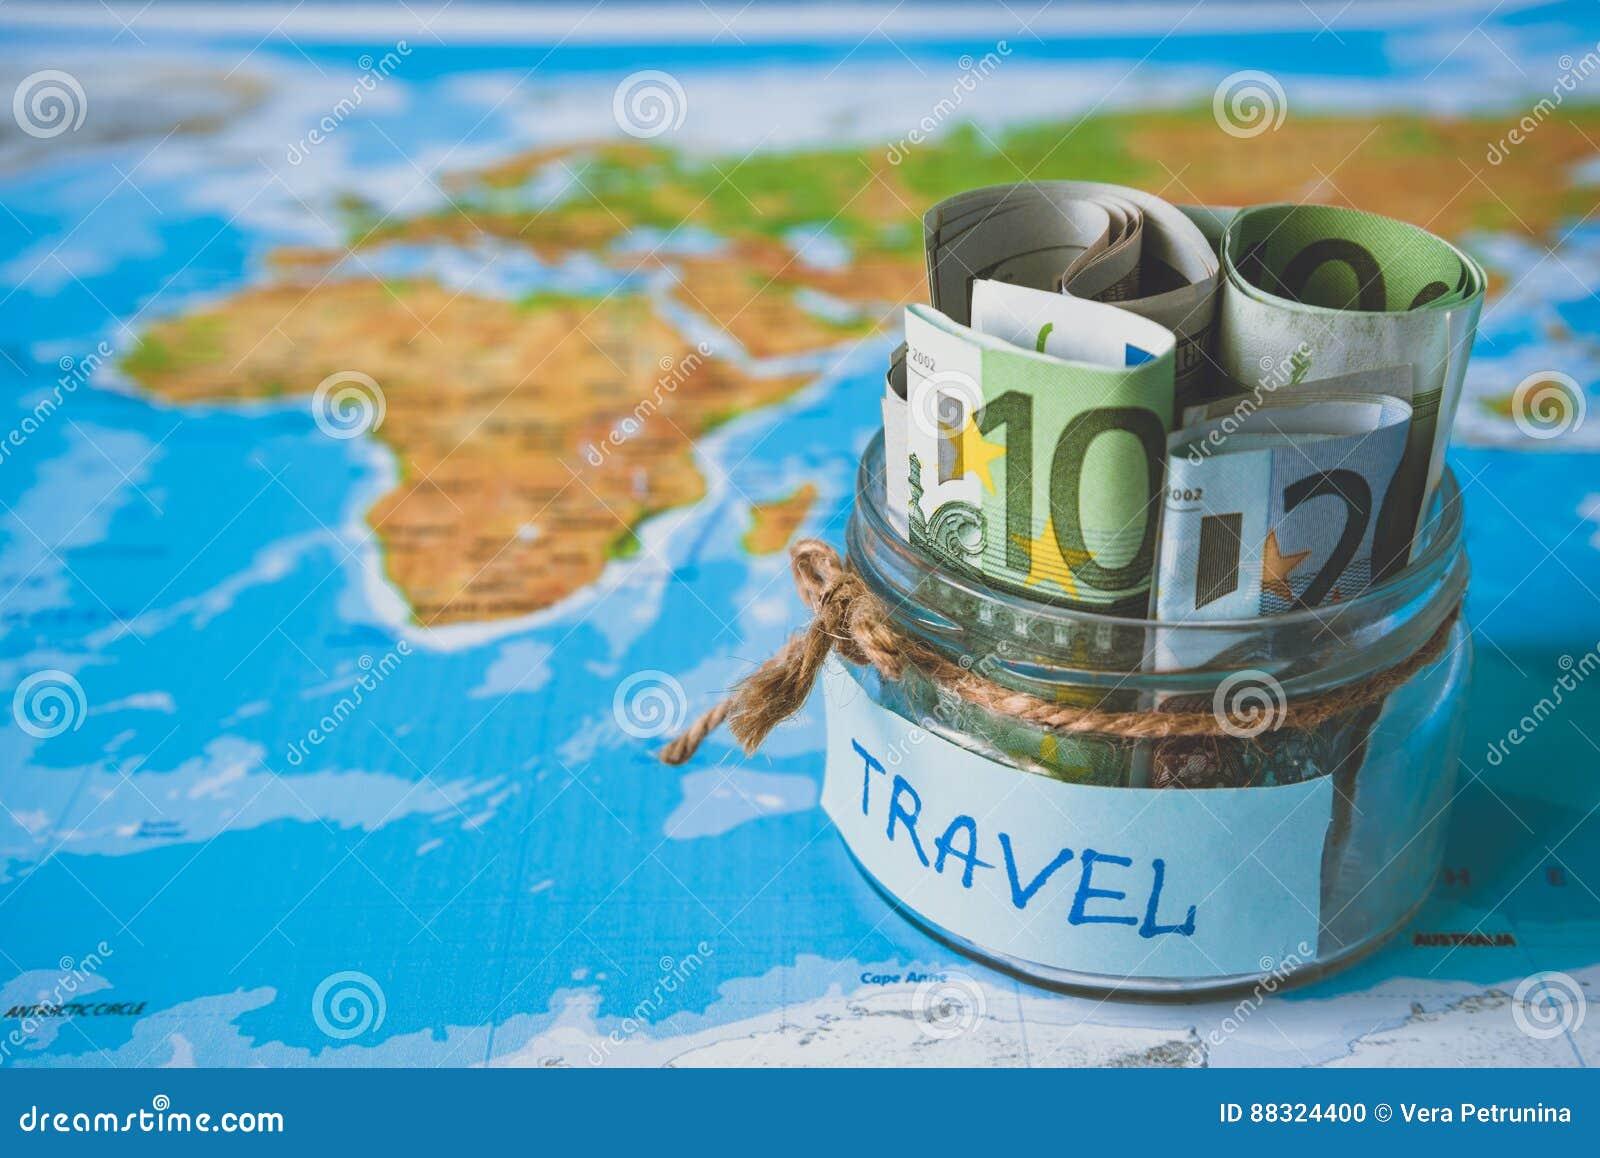 Het concept van de vakantiebegroting De besparingen van het vakantiegeld in een glaskruik